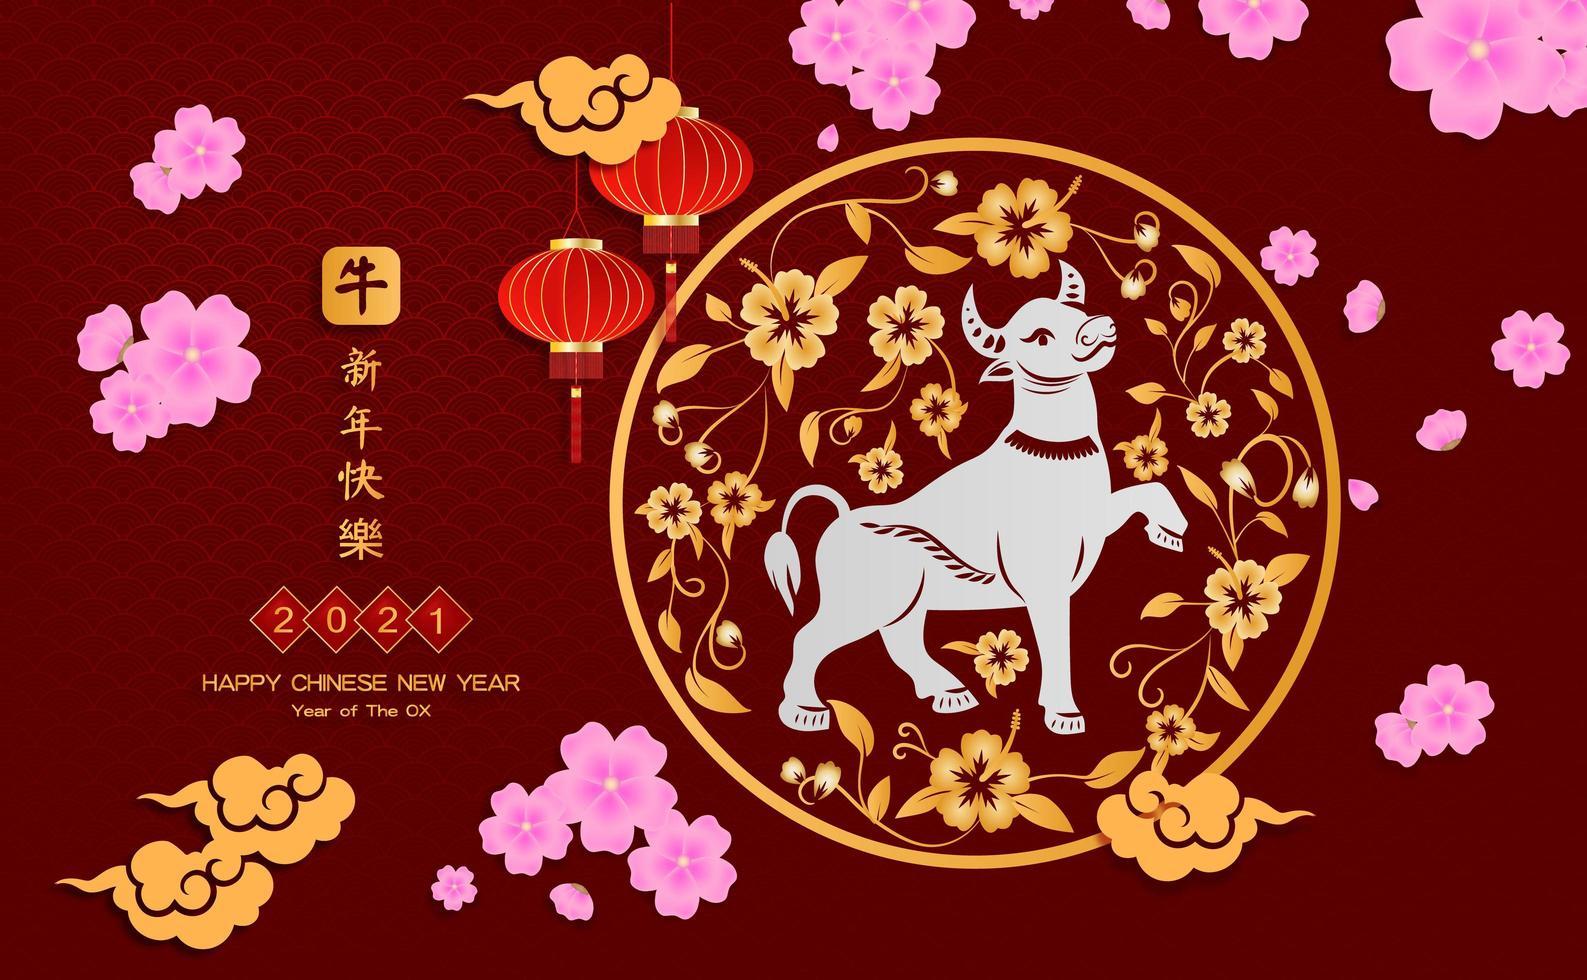 Chinees nieuwjaar 2021 jaar van de os, rood papier gesneden os karakter, bloem en Aziatische elementen met ambachtelijke stijl op achtergrond. vector